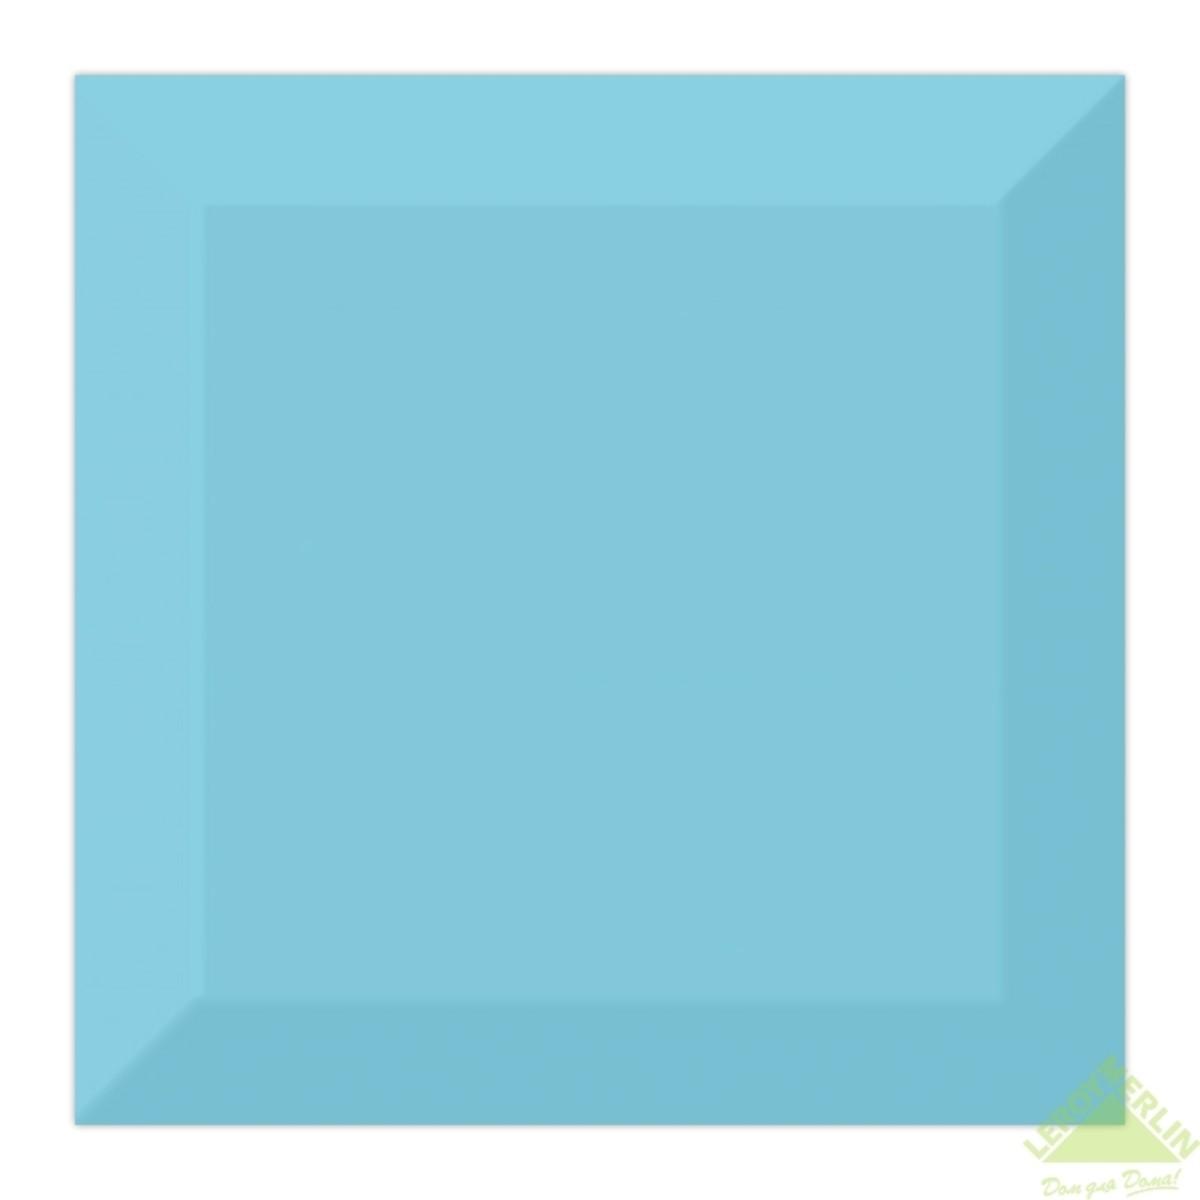 Плитка настенная Порто цвет голубой 15x15 см 1035 м2